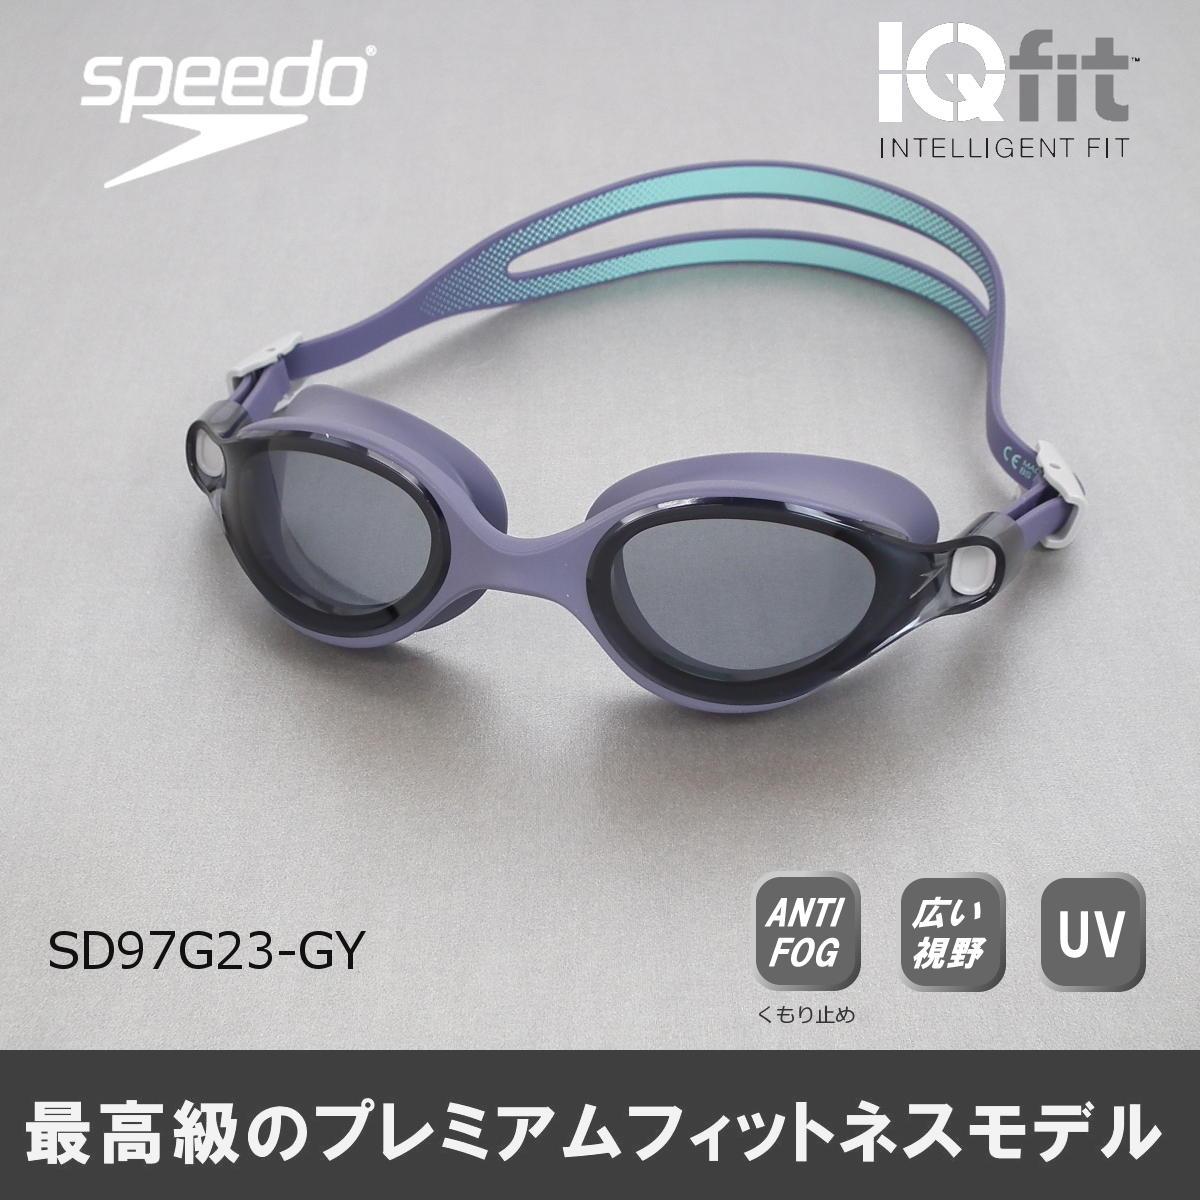 【スイムゴーグル】【女性用】SPEEDO スピード クッション付き スイミングゴーグル クリアタイプ Virtue ヴァーチュゴーグル 水泳 SD97G23-GY